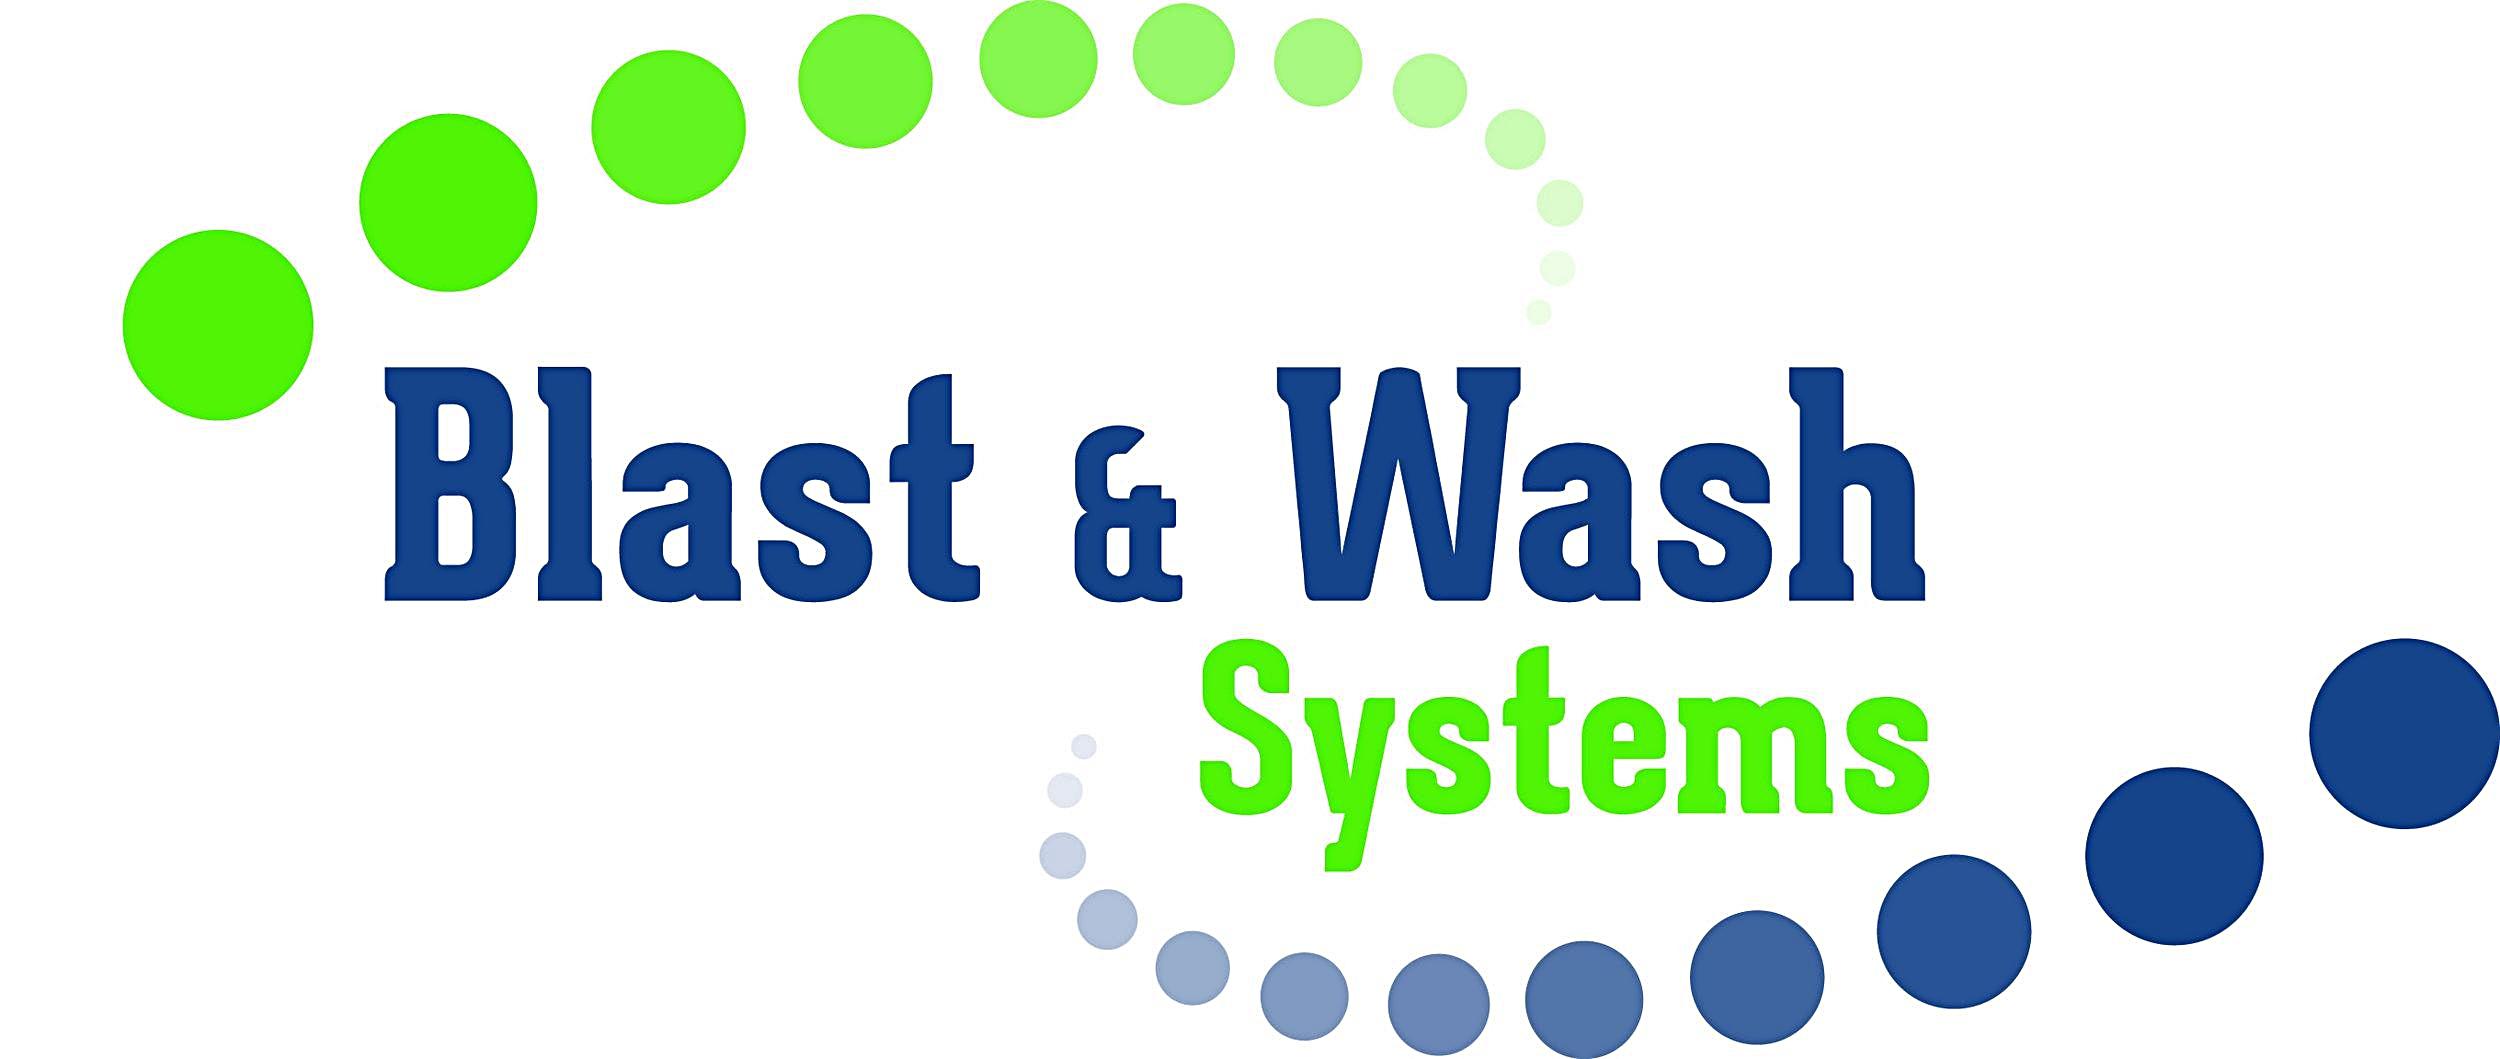 blast & wash systems logo high res.jpg